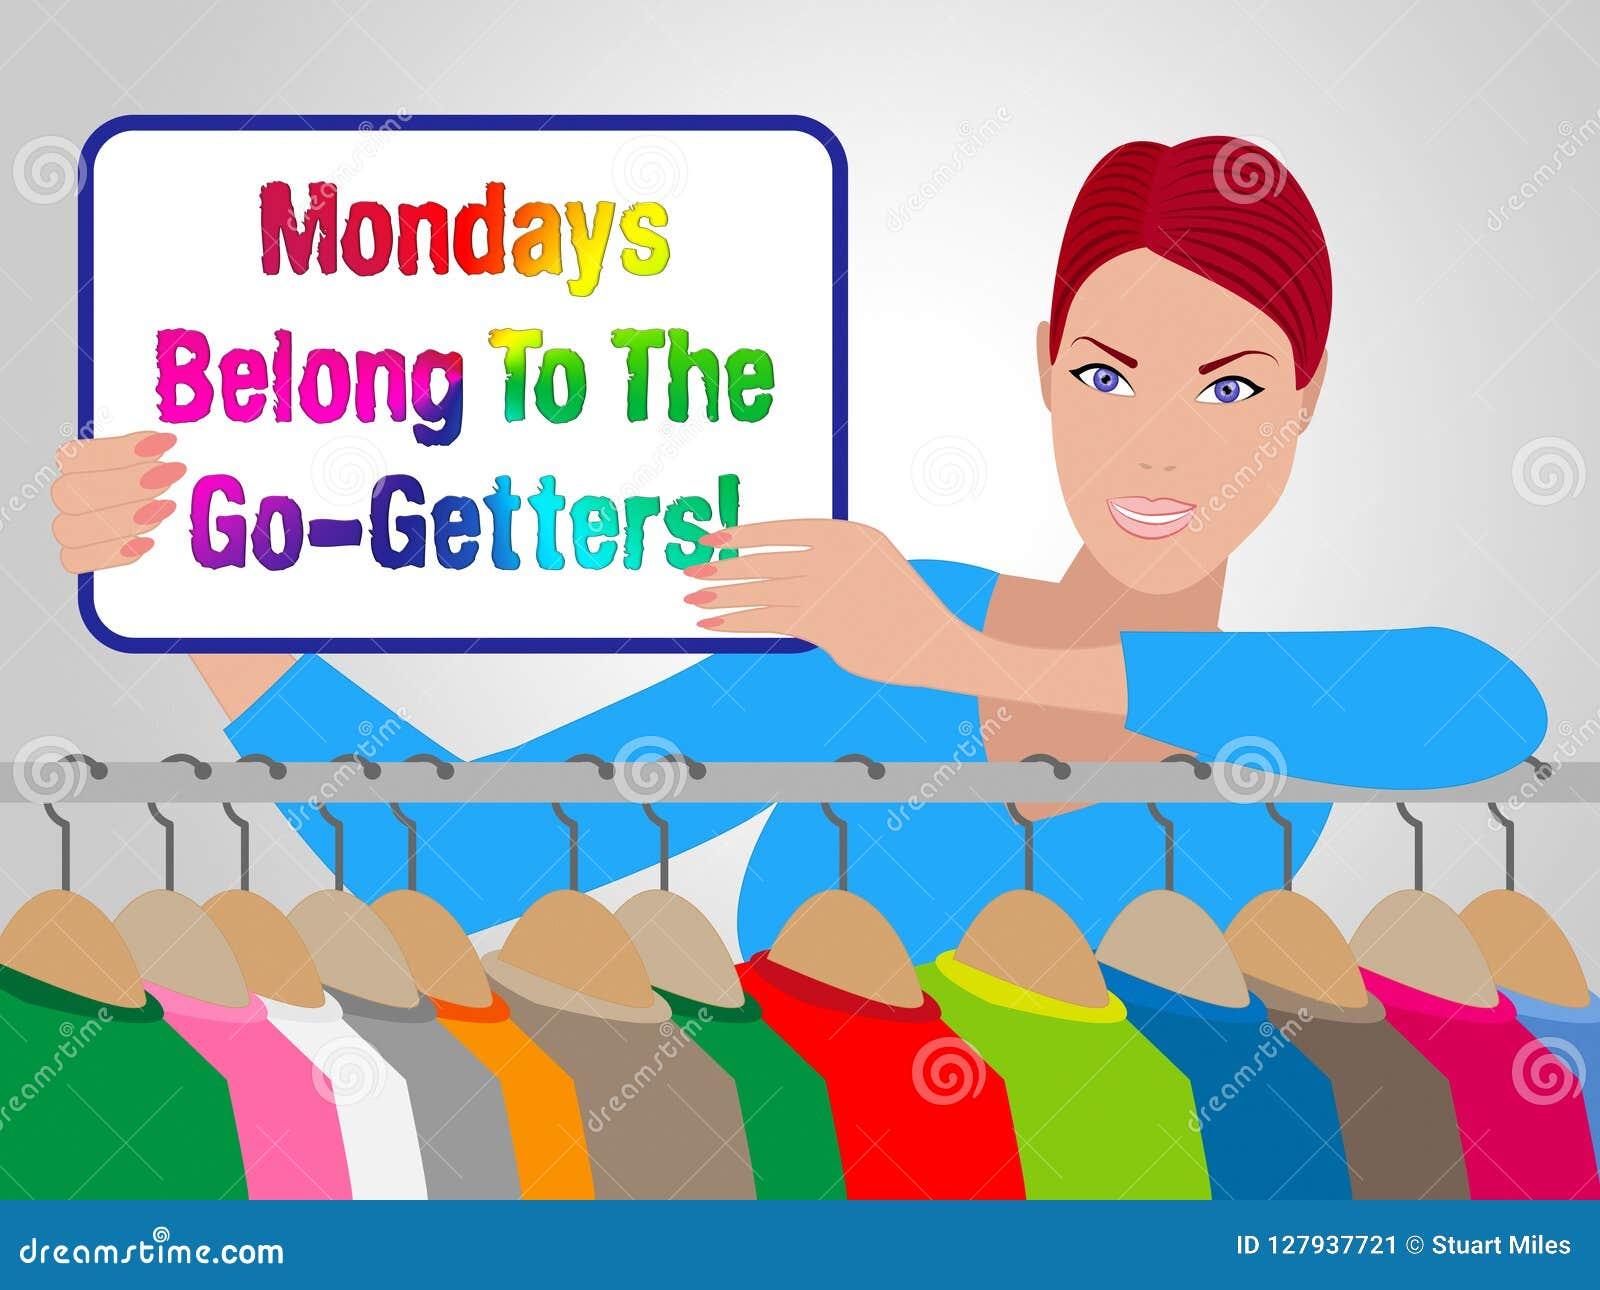 Motivación de las ventas de lunes - dependienta Holding Sign - 3d Illustrat